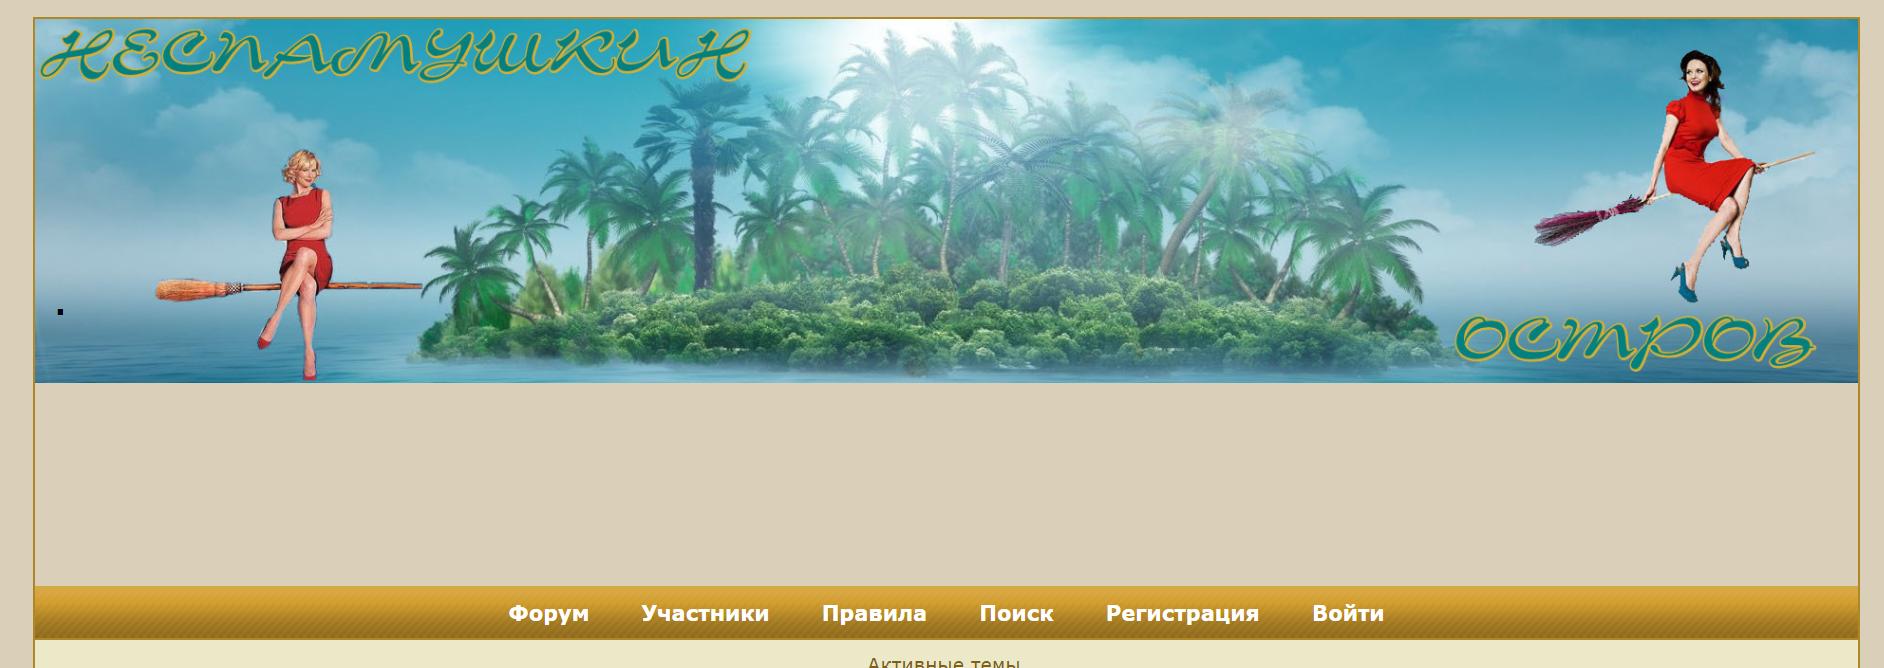 http://s7.uploads.ru/TWEiR.png